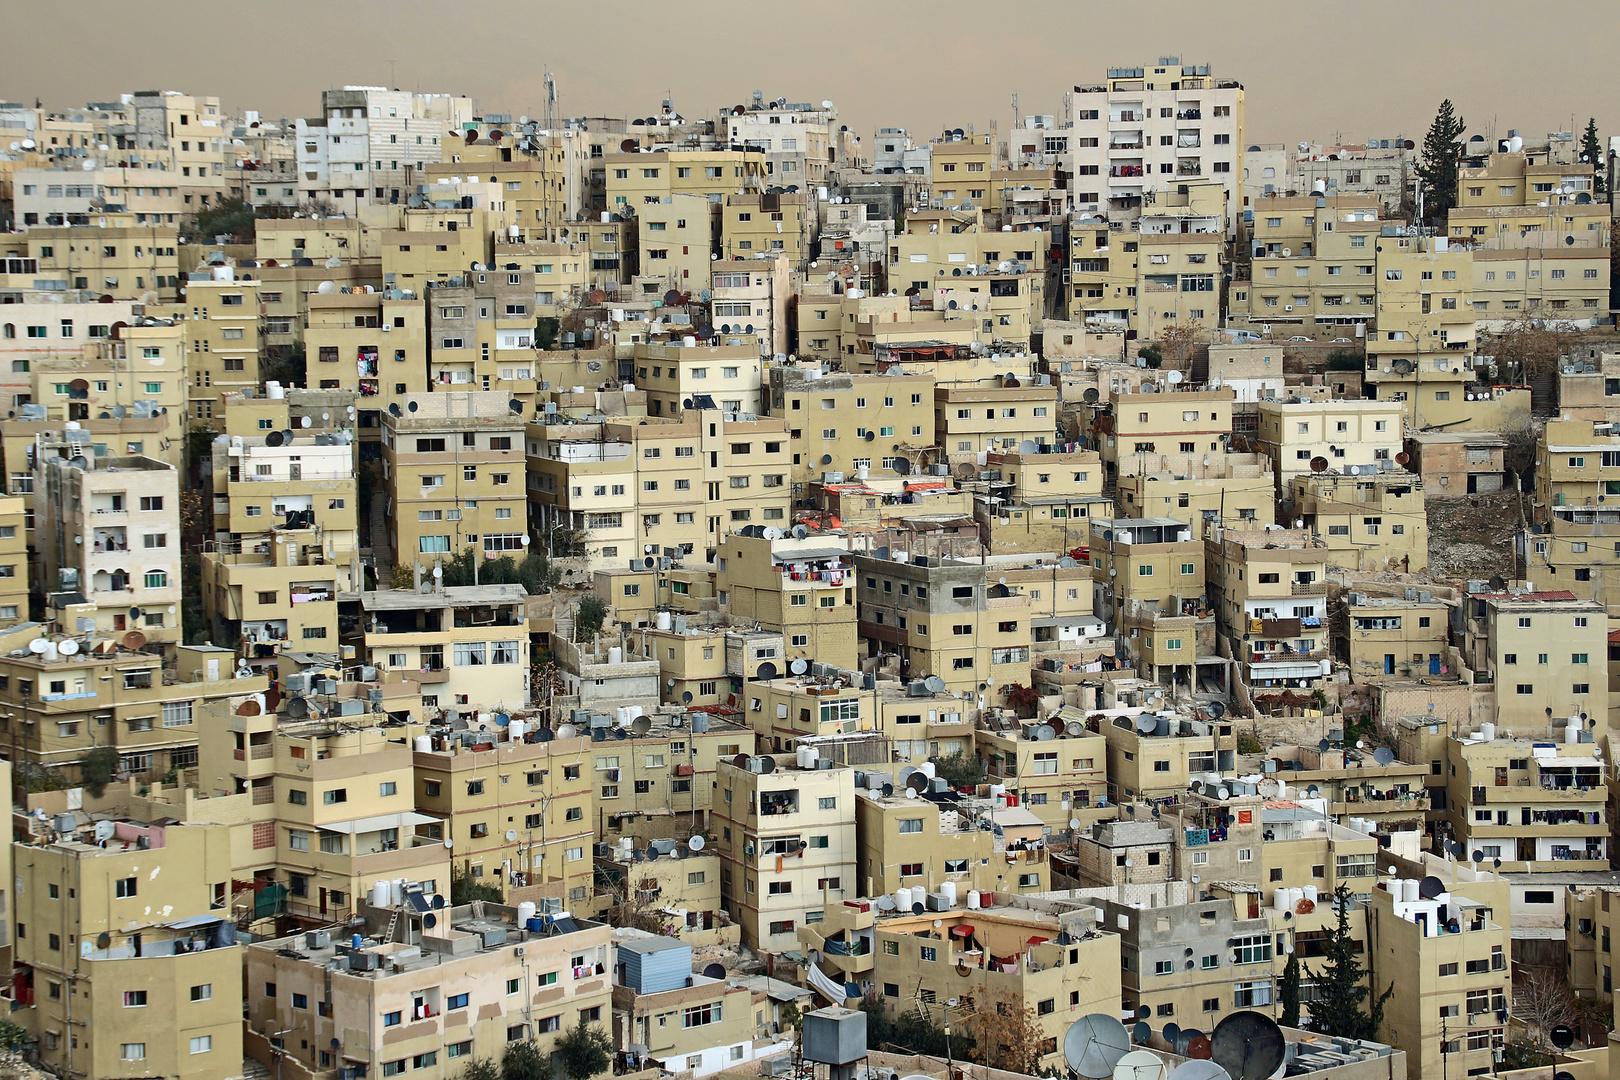 Amman 31-12-13